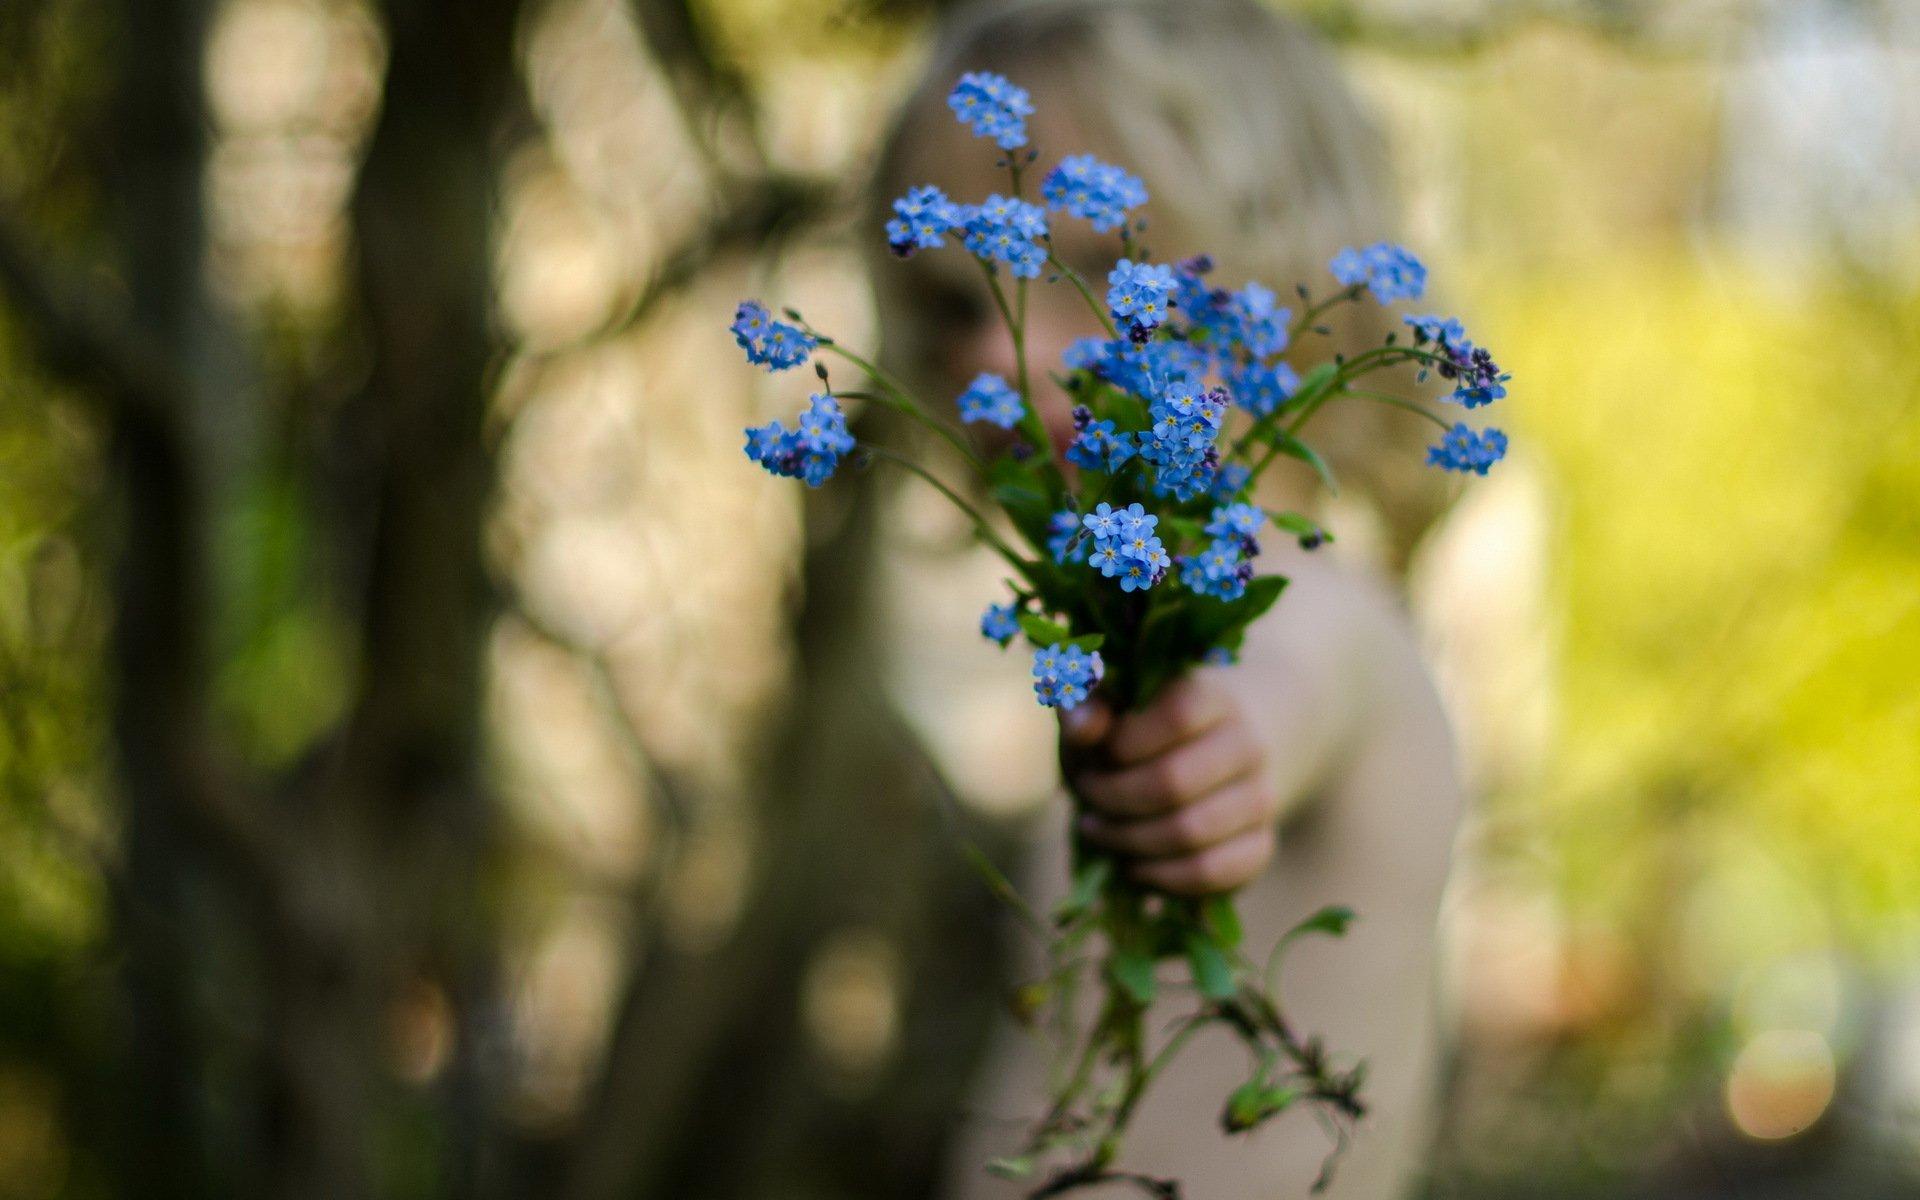 Рука, цветок бесплатно